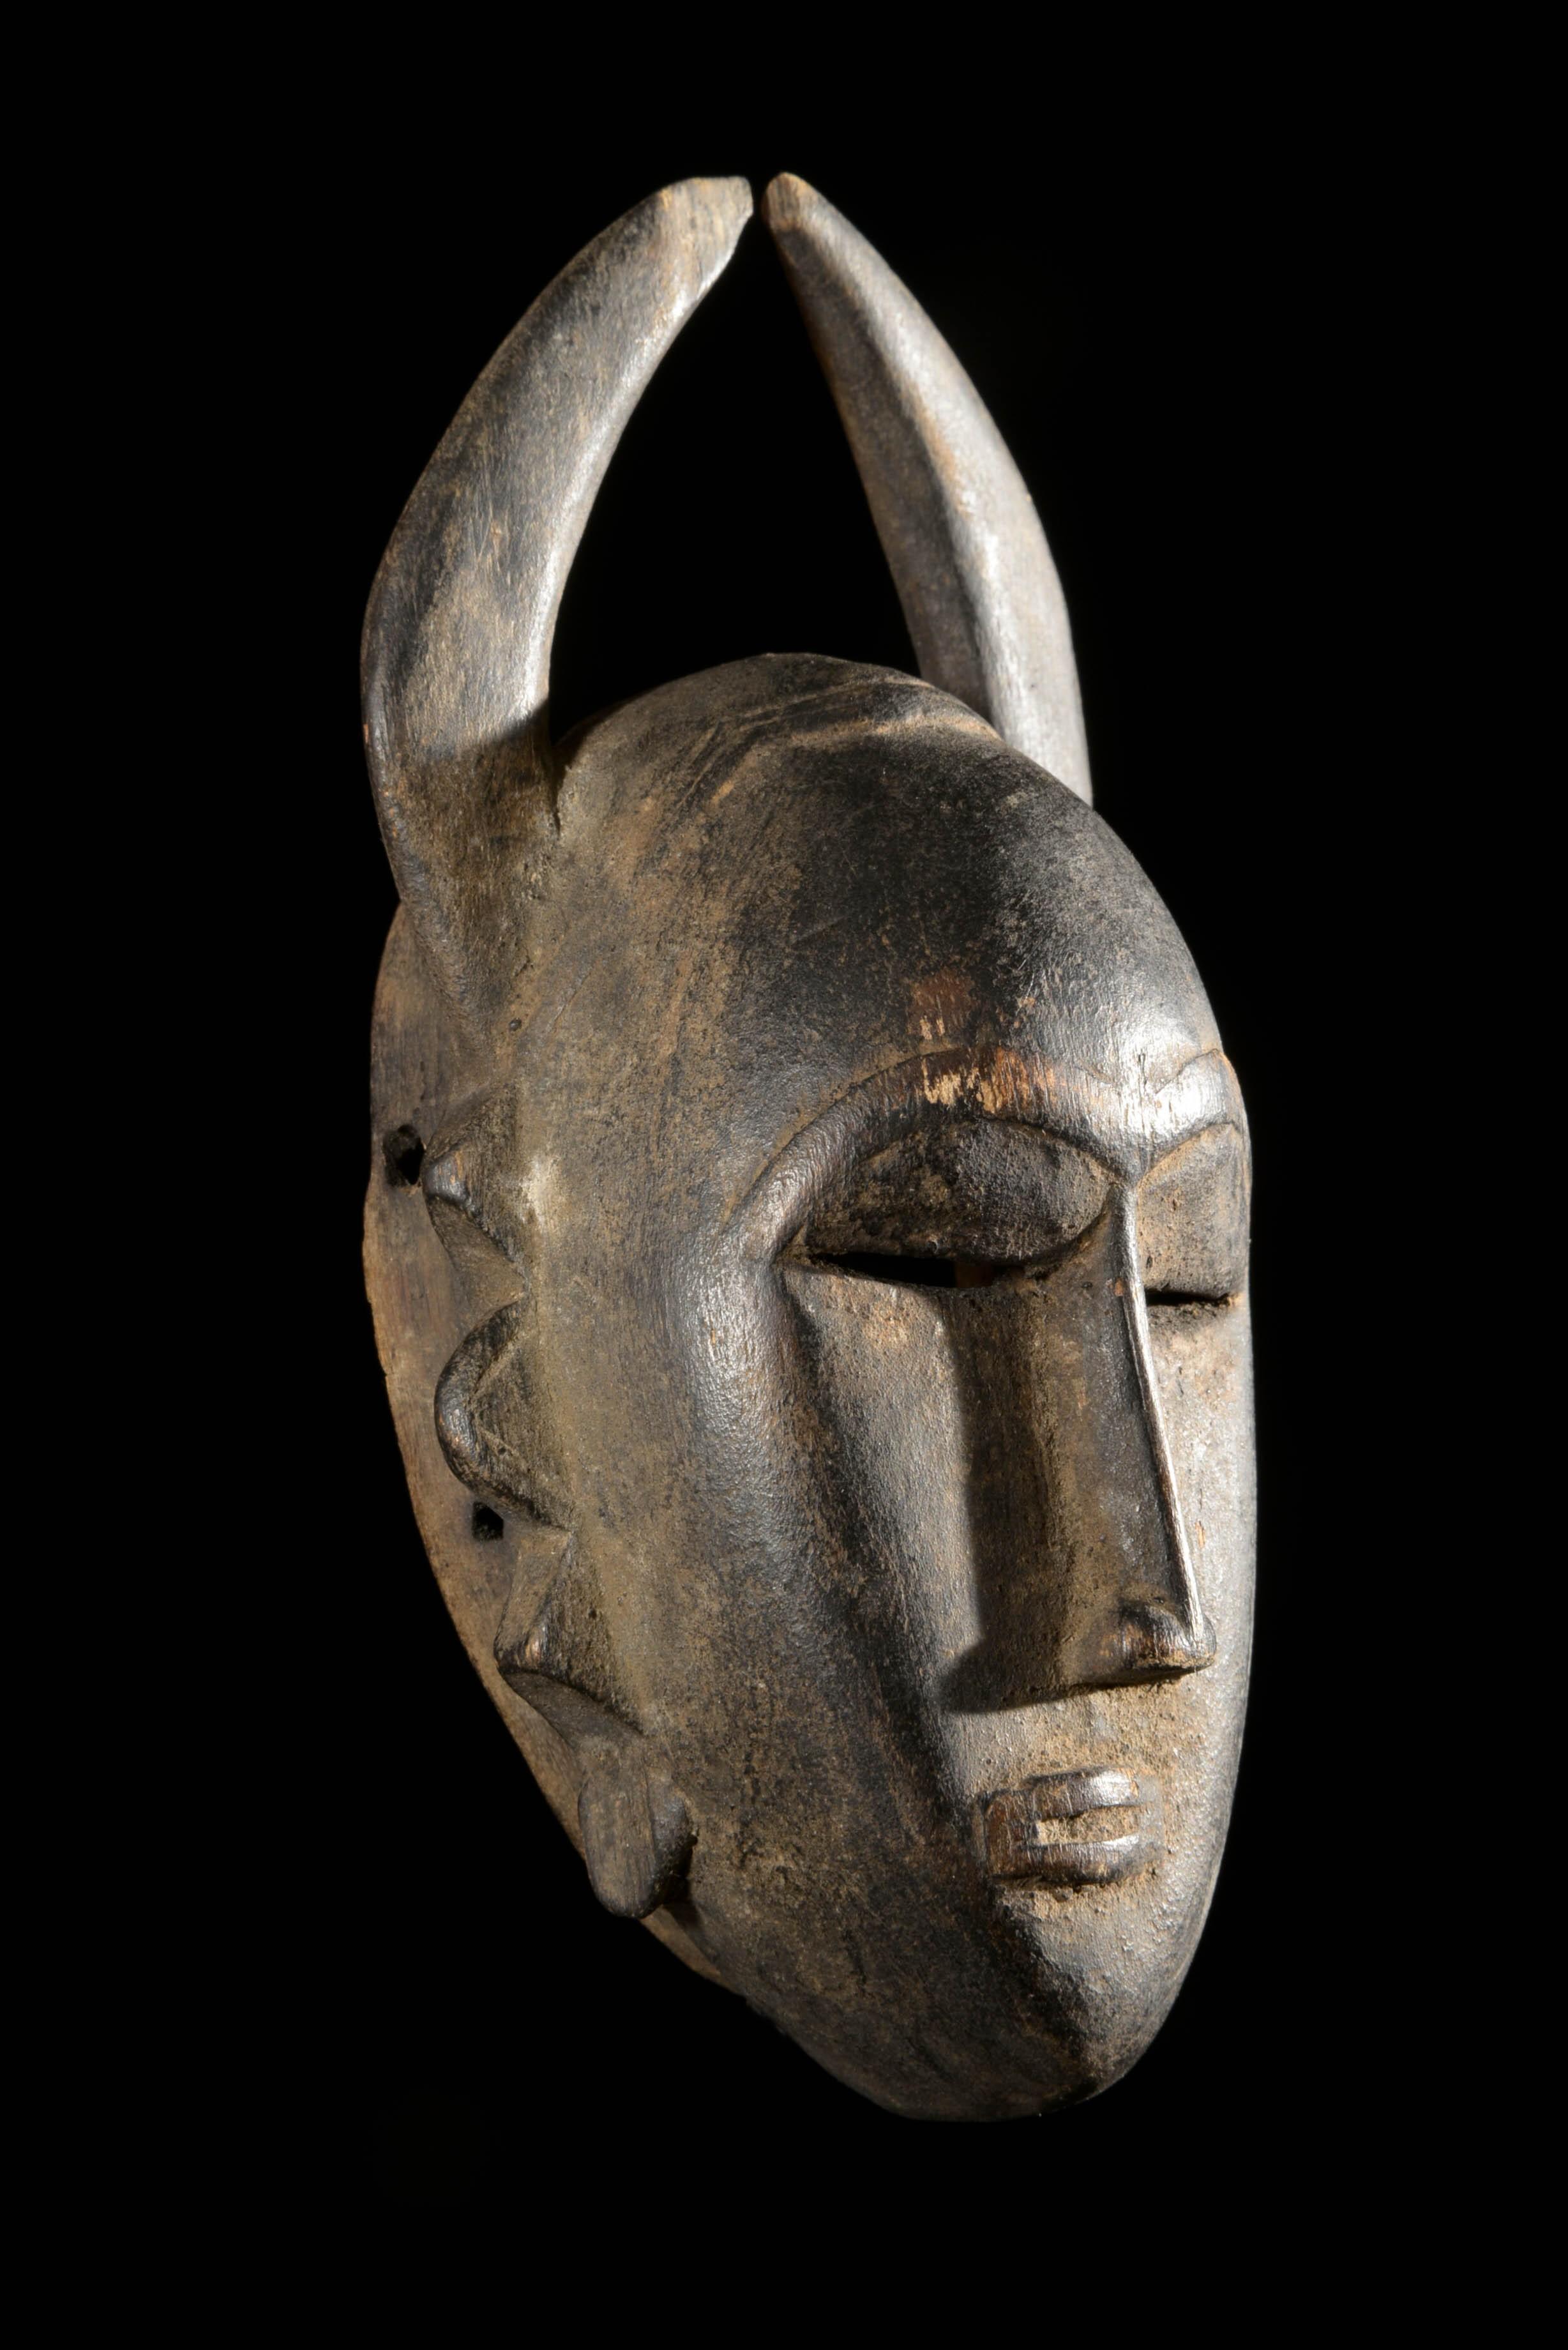 Masque de famille - Baoule - Côte d'Ivoire